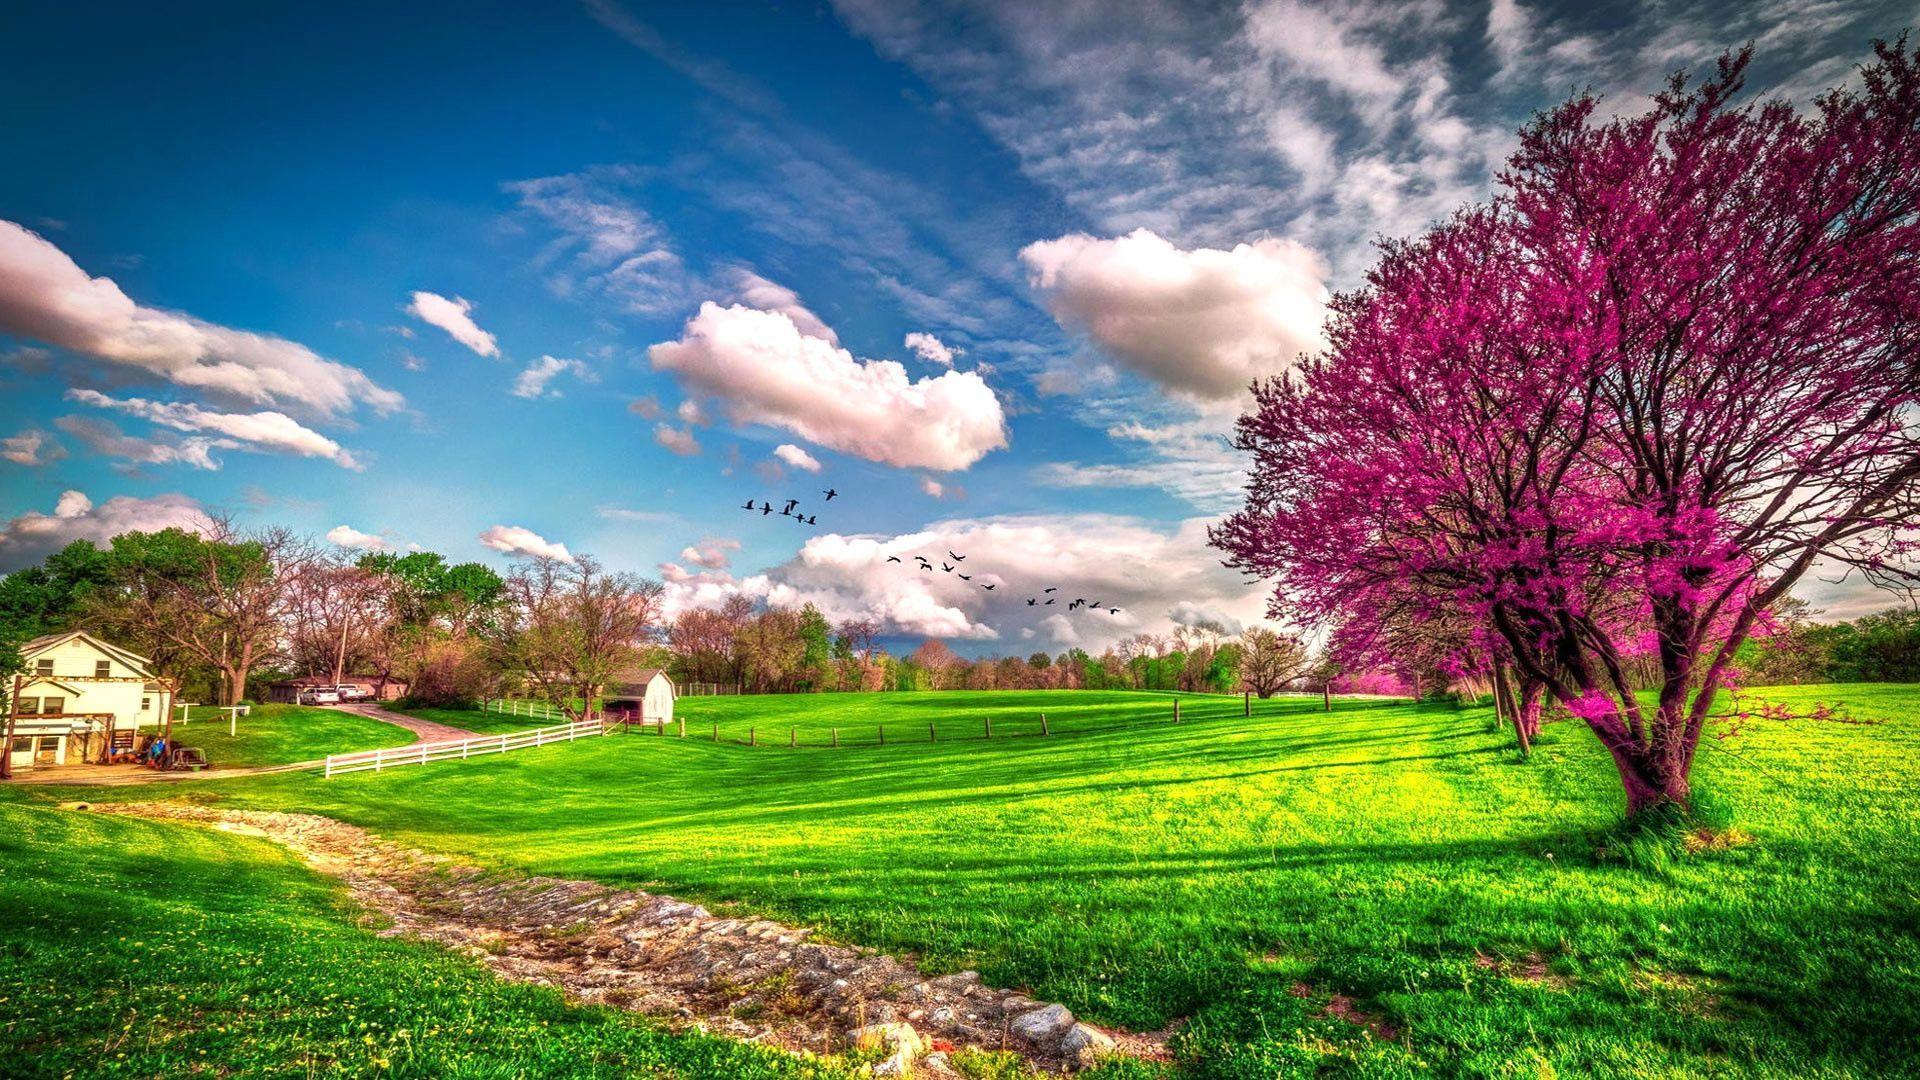 Les Belles Personnes Restent Toujours Belles Meme Si Les Annees Passent Meme Si Elles Sont Sans Maquillag Scenery Wallpaper Spring Wallpaper Spring Landscape